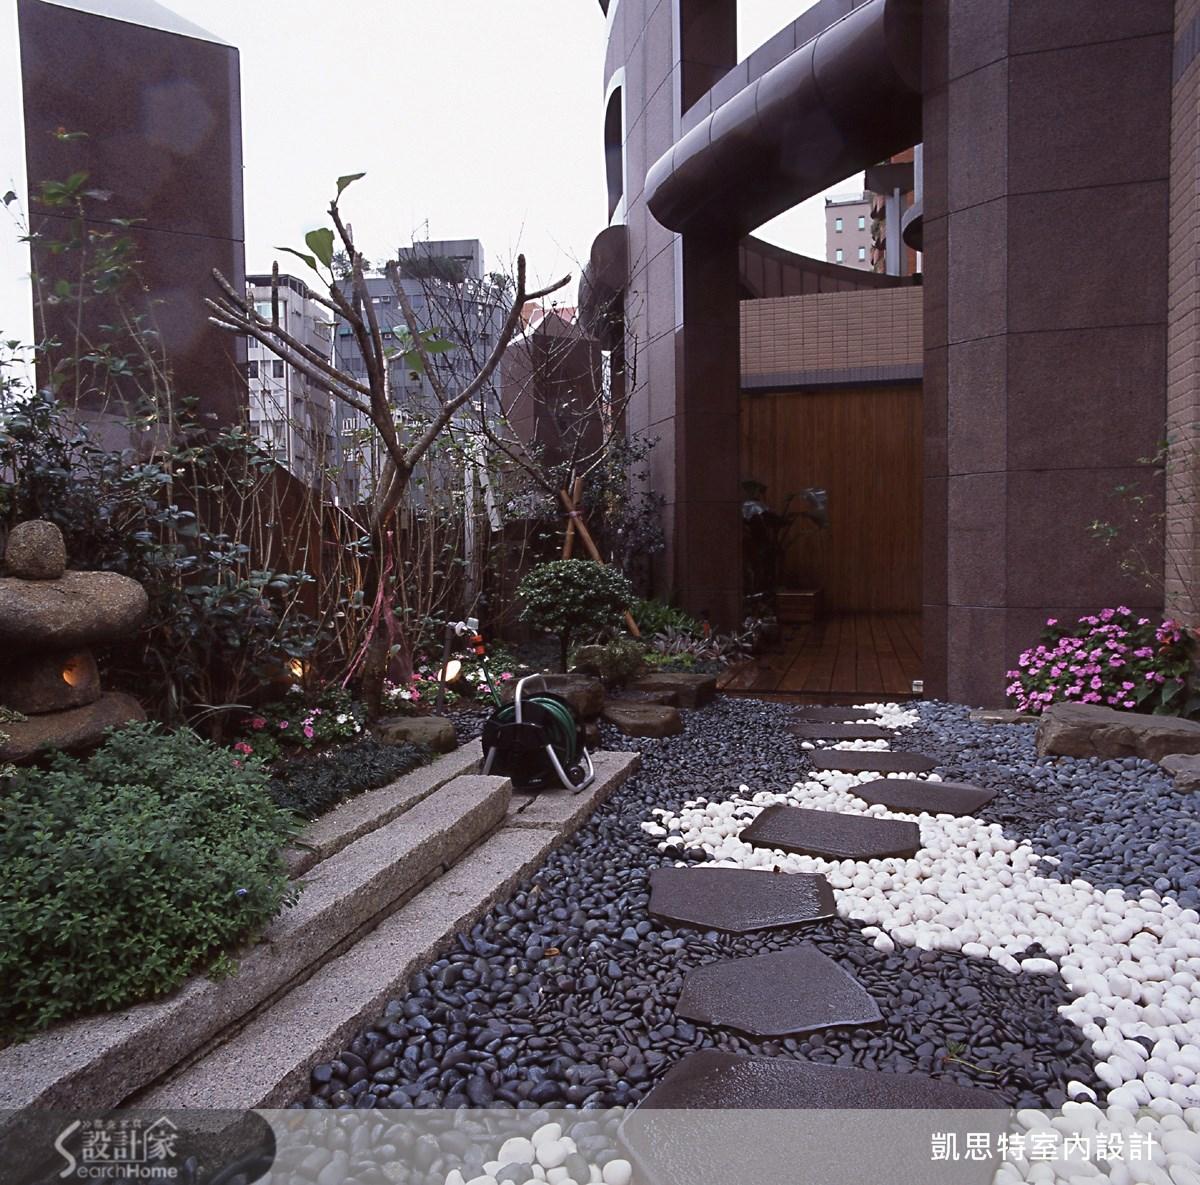 50坪新成屋(5年以下)_休閒風案例圖片_凱思特室內設計有限公司_凱思特_11之1